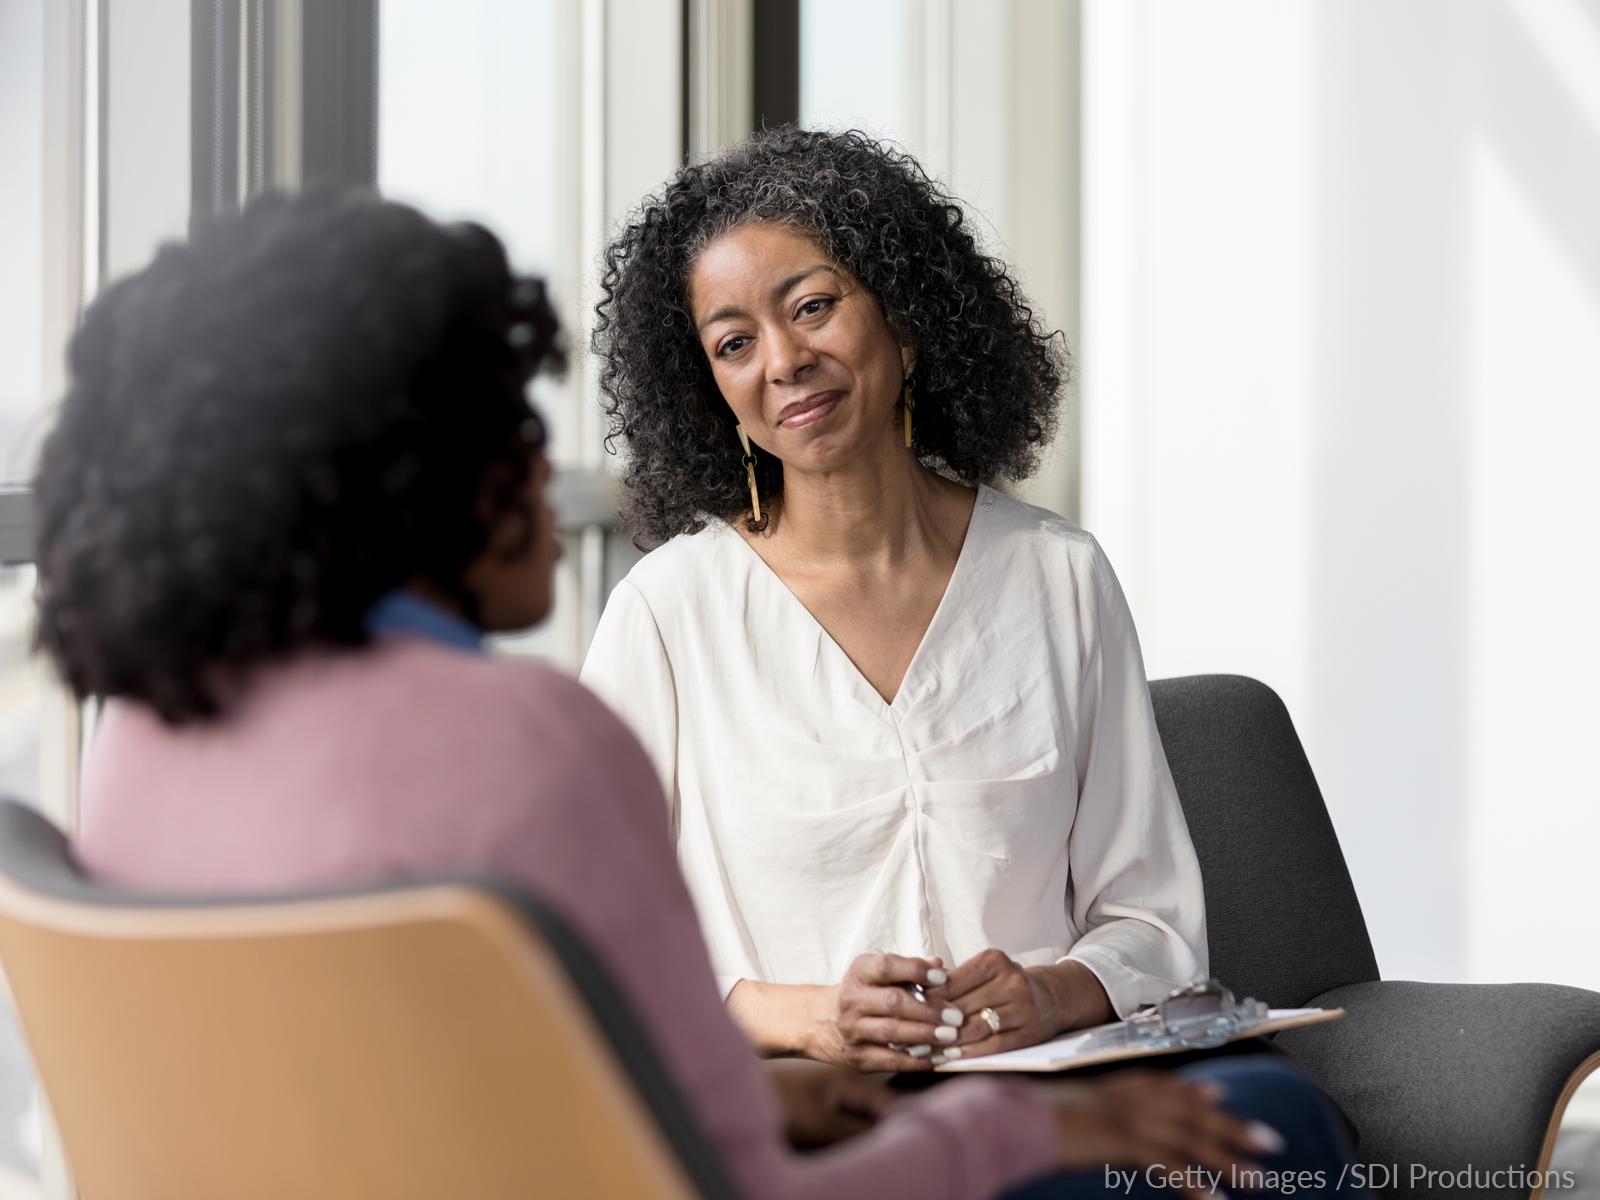 Conversando com a psicóloga e tirando suas dúvidas